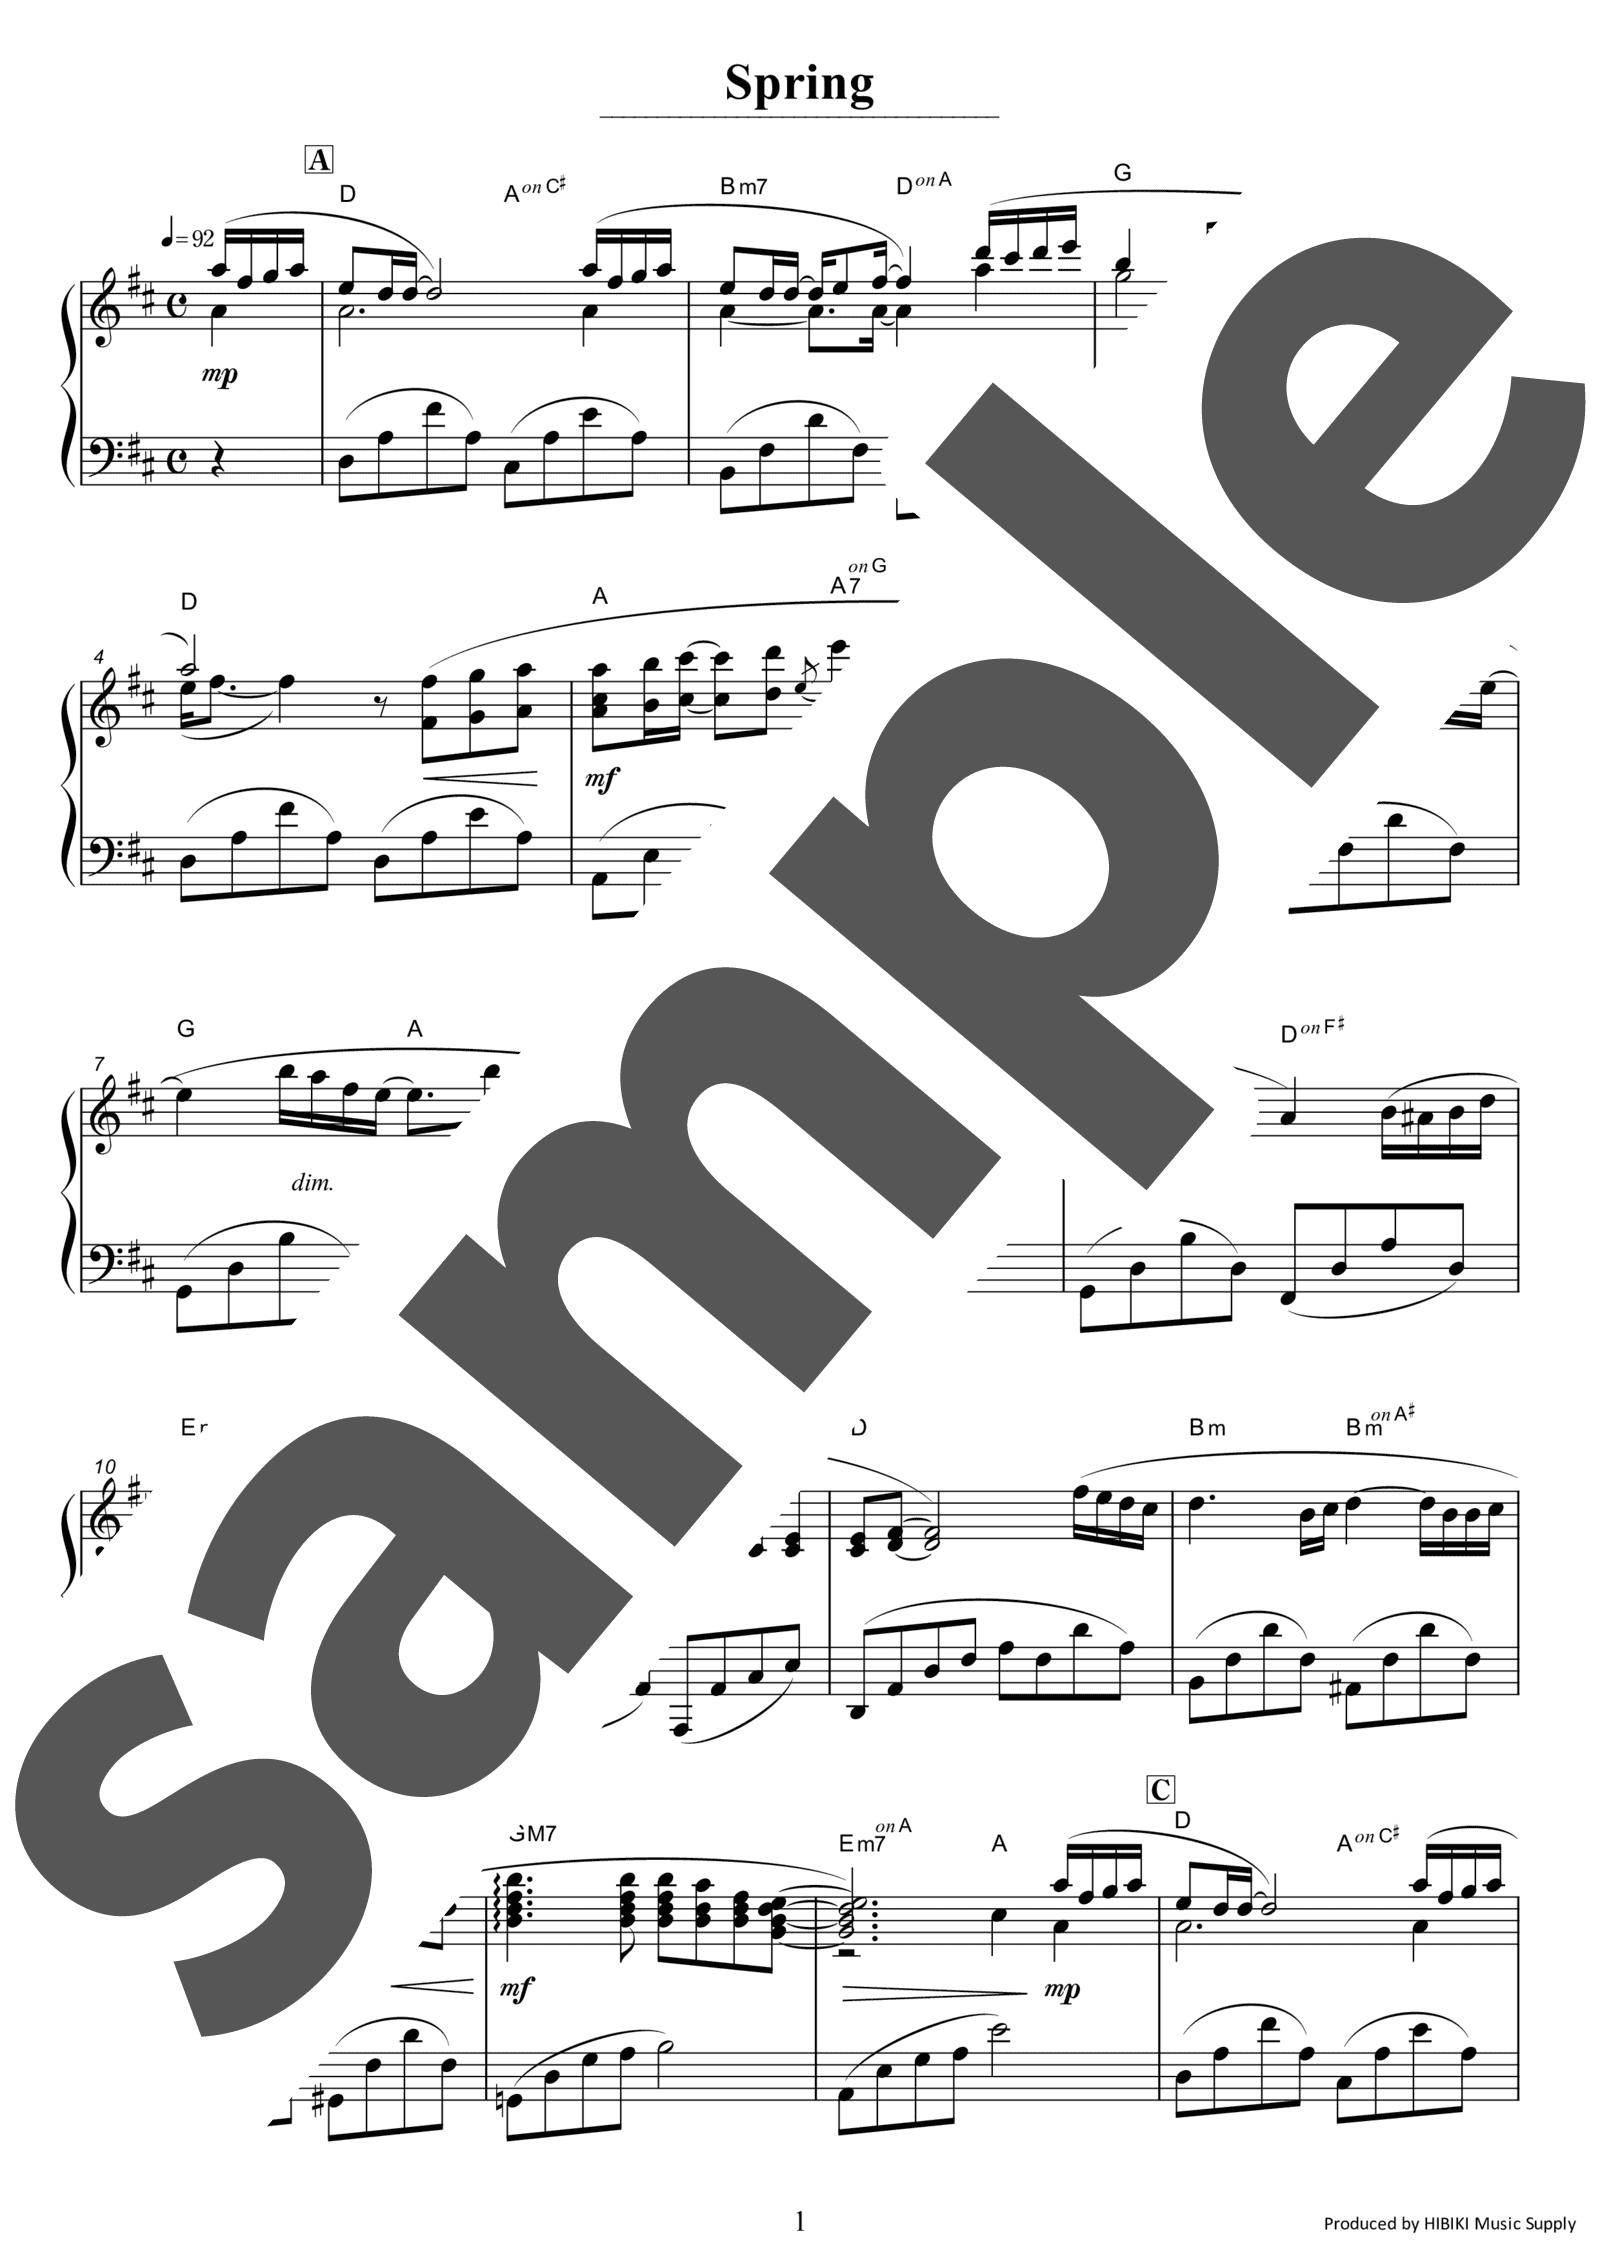 「Spring」のサンプル楽譜